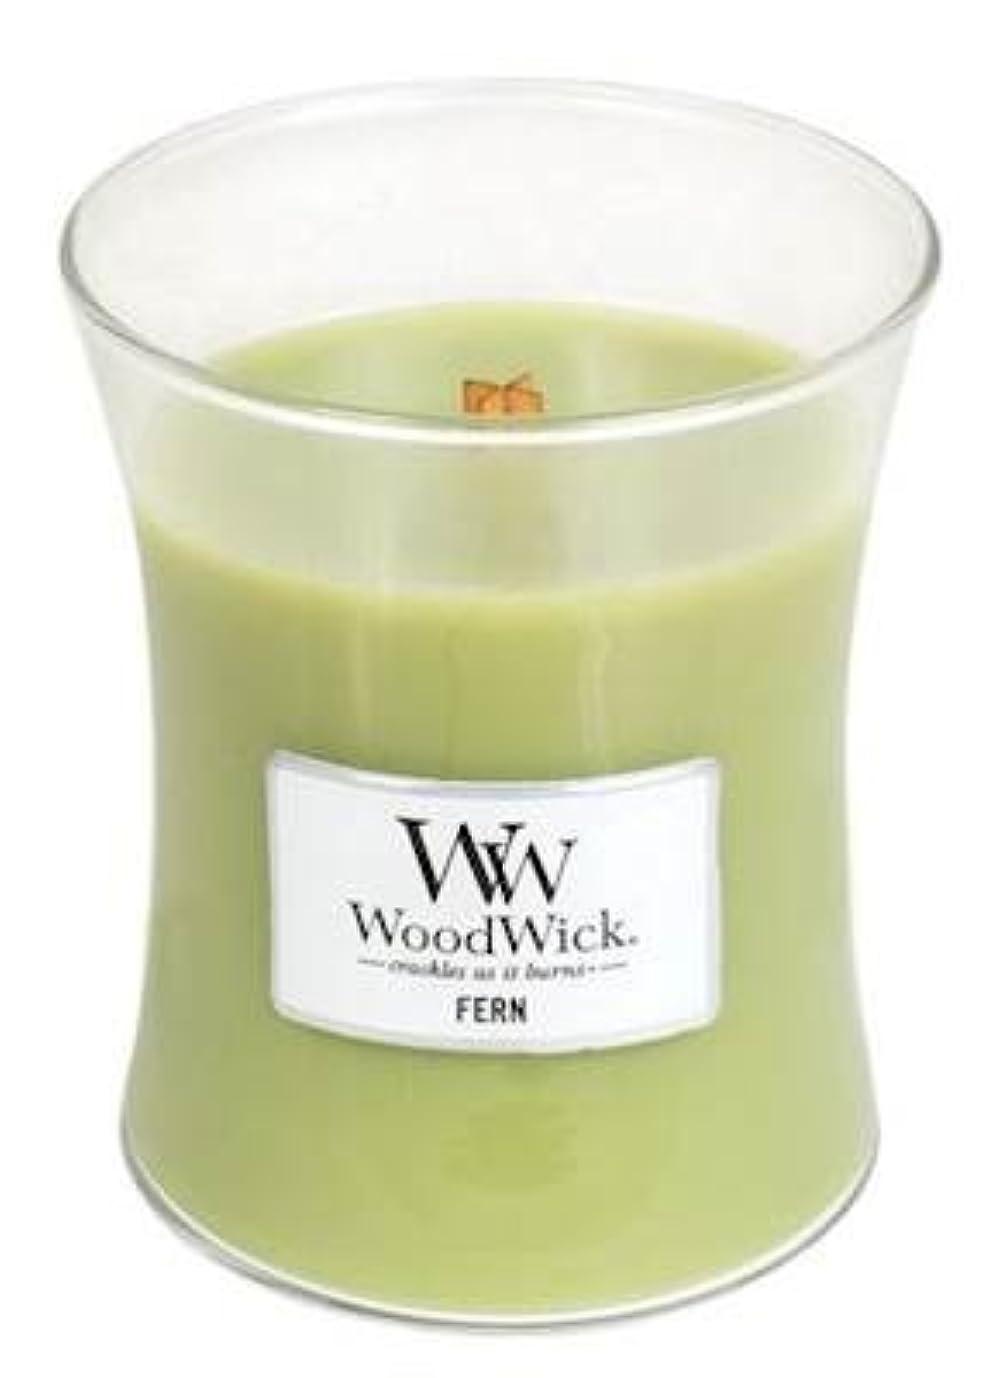 戦い意見パイプFern WoodWick 10 oz Medium砂時計Jar Candle Burns 100時間